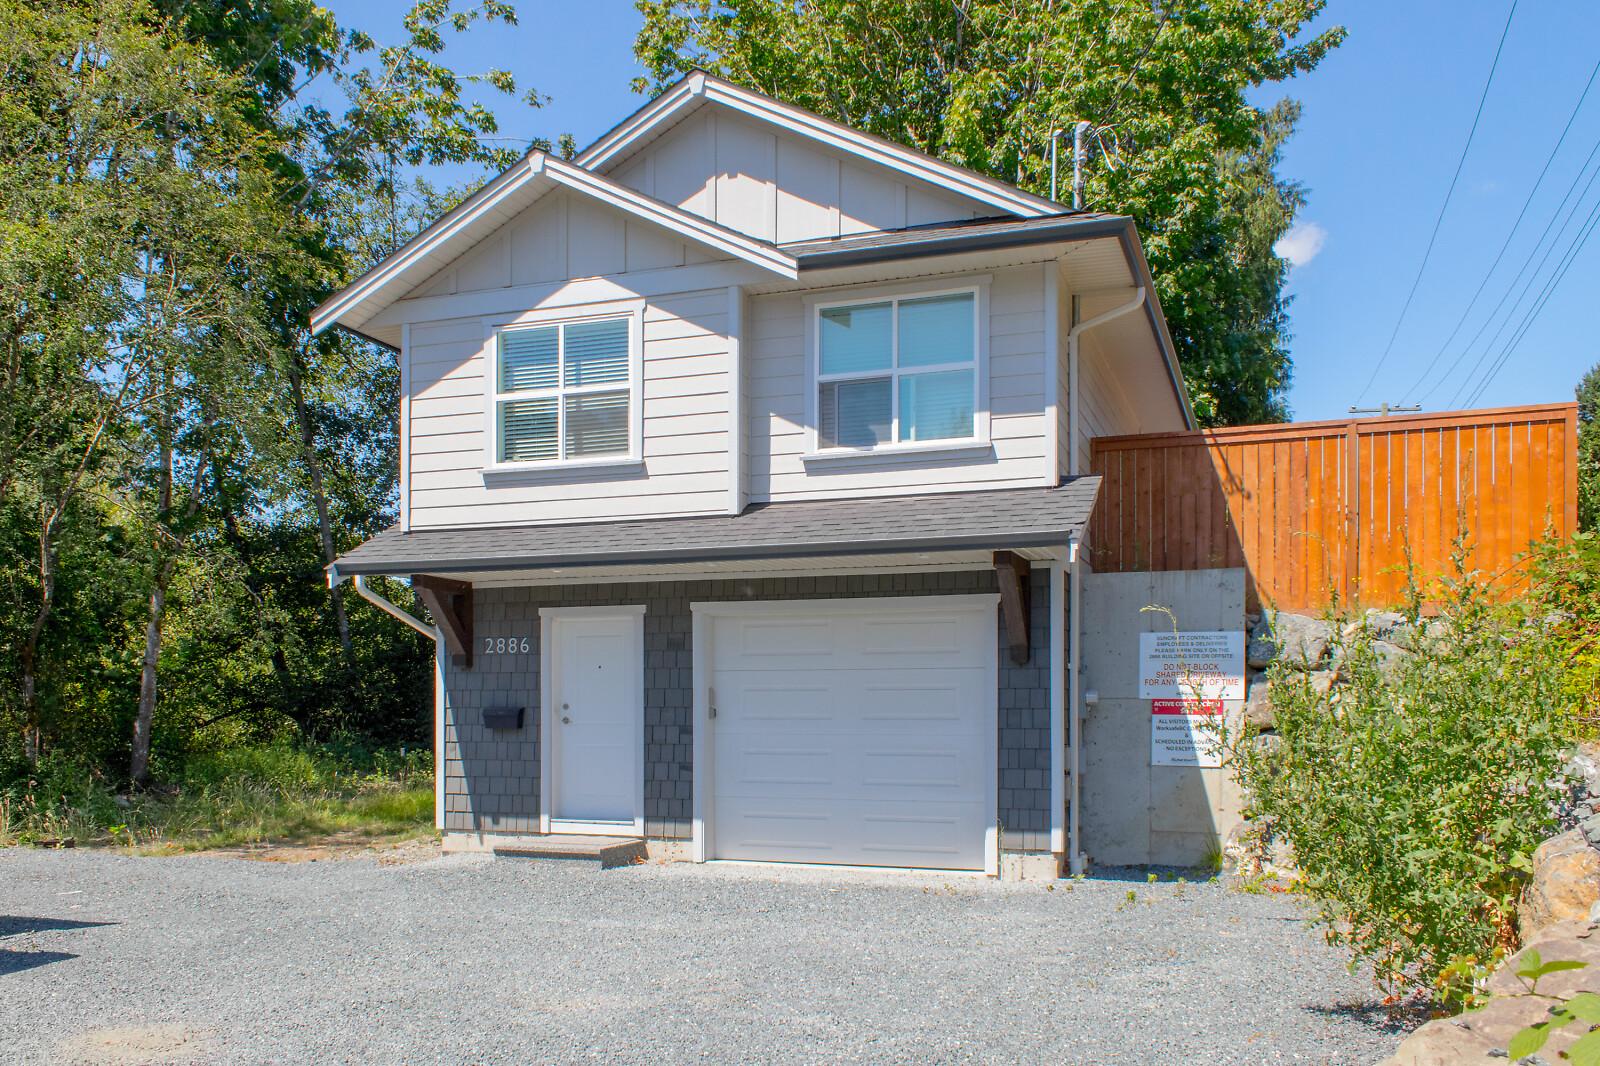 2886 Sherman Road, Duncan, British Columbia